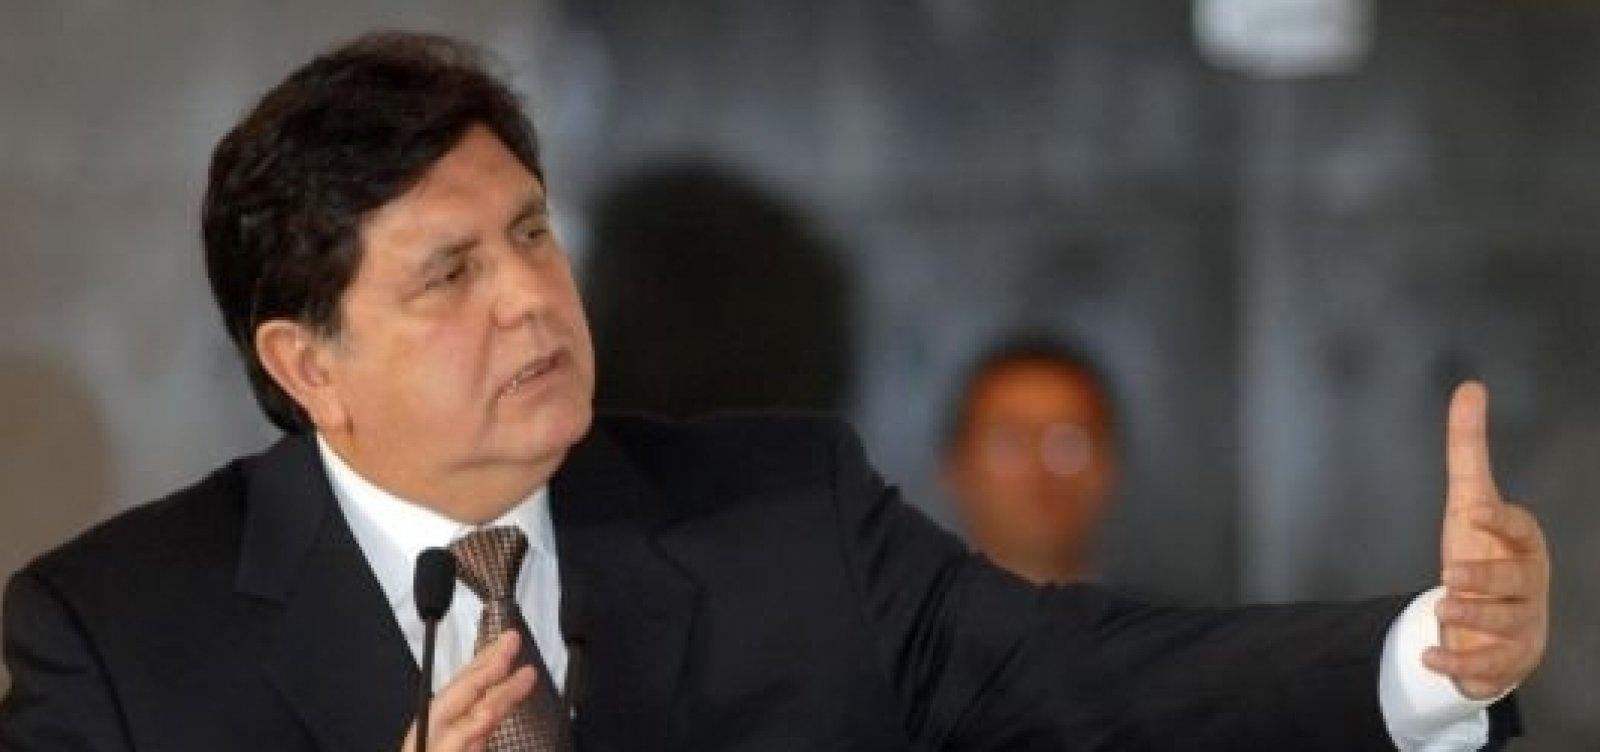 [Envolvido em escândalo, ex-presidente do Peru pede asilo político no Uruguai]